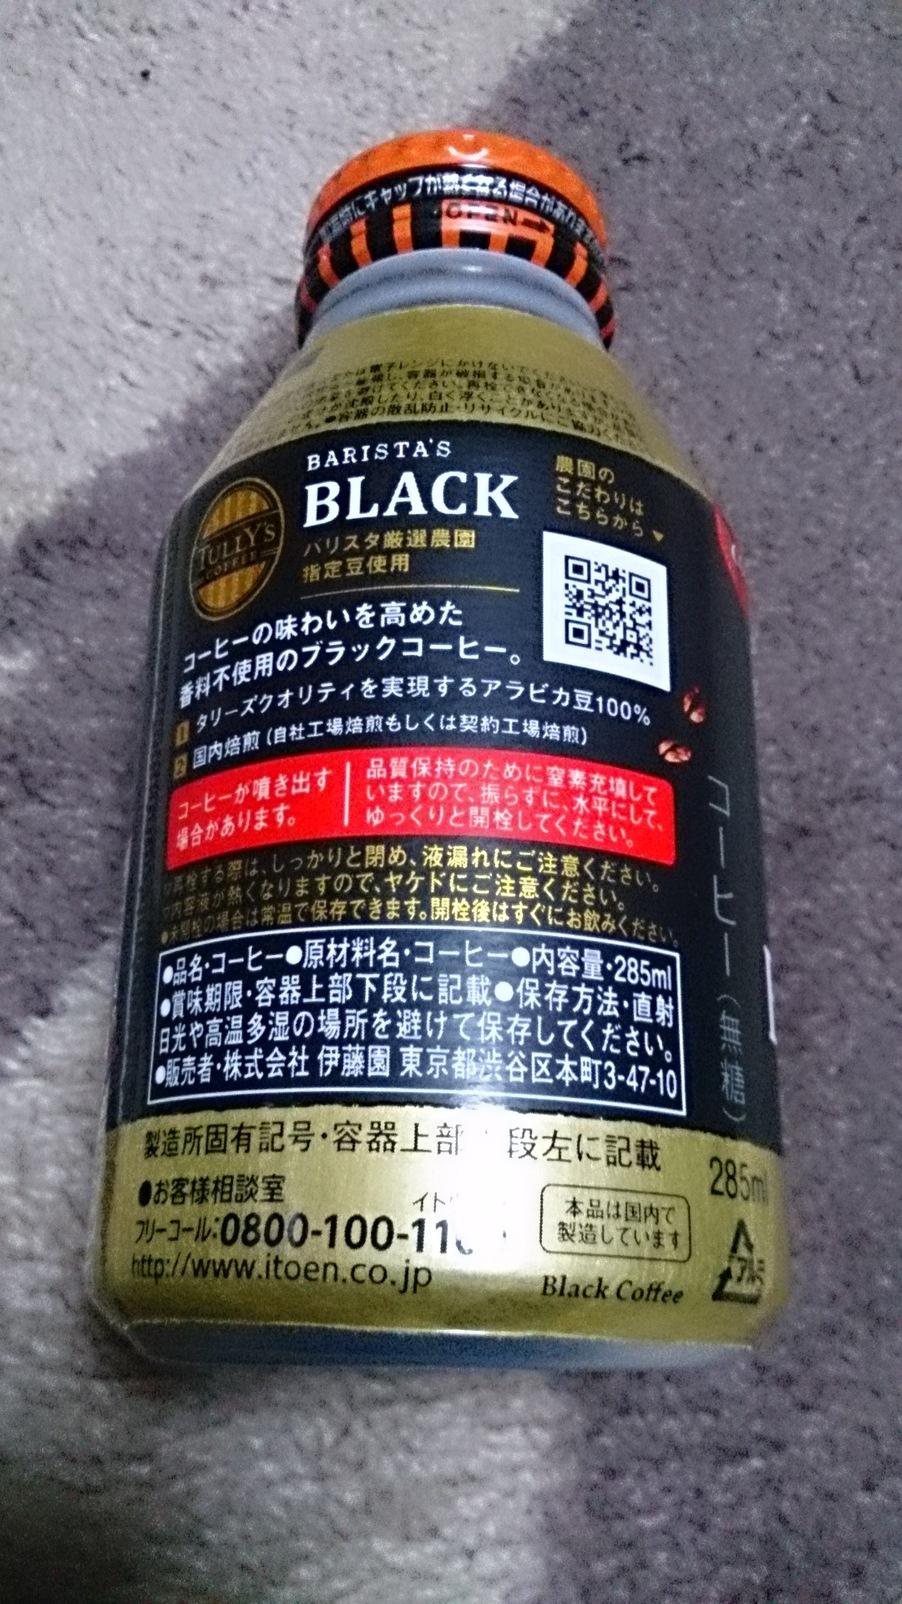 コクミン 水戸エクセルプラムストリート店 name=